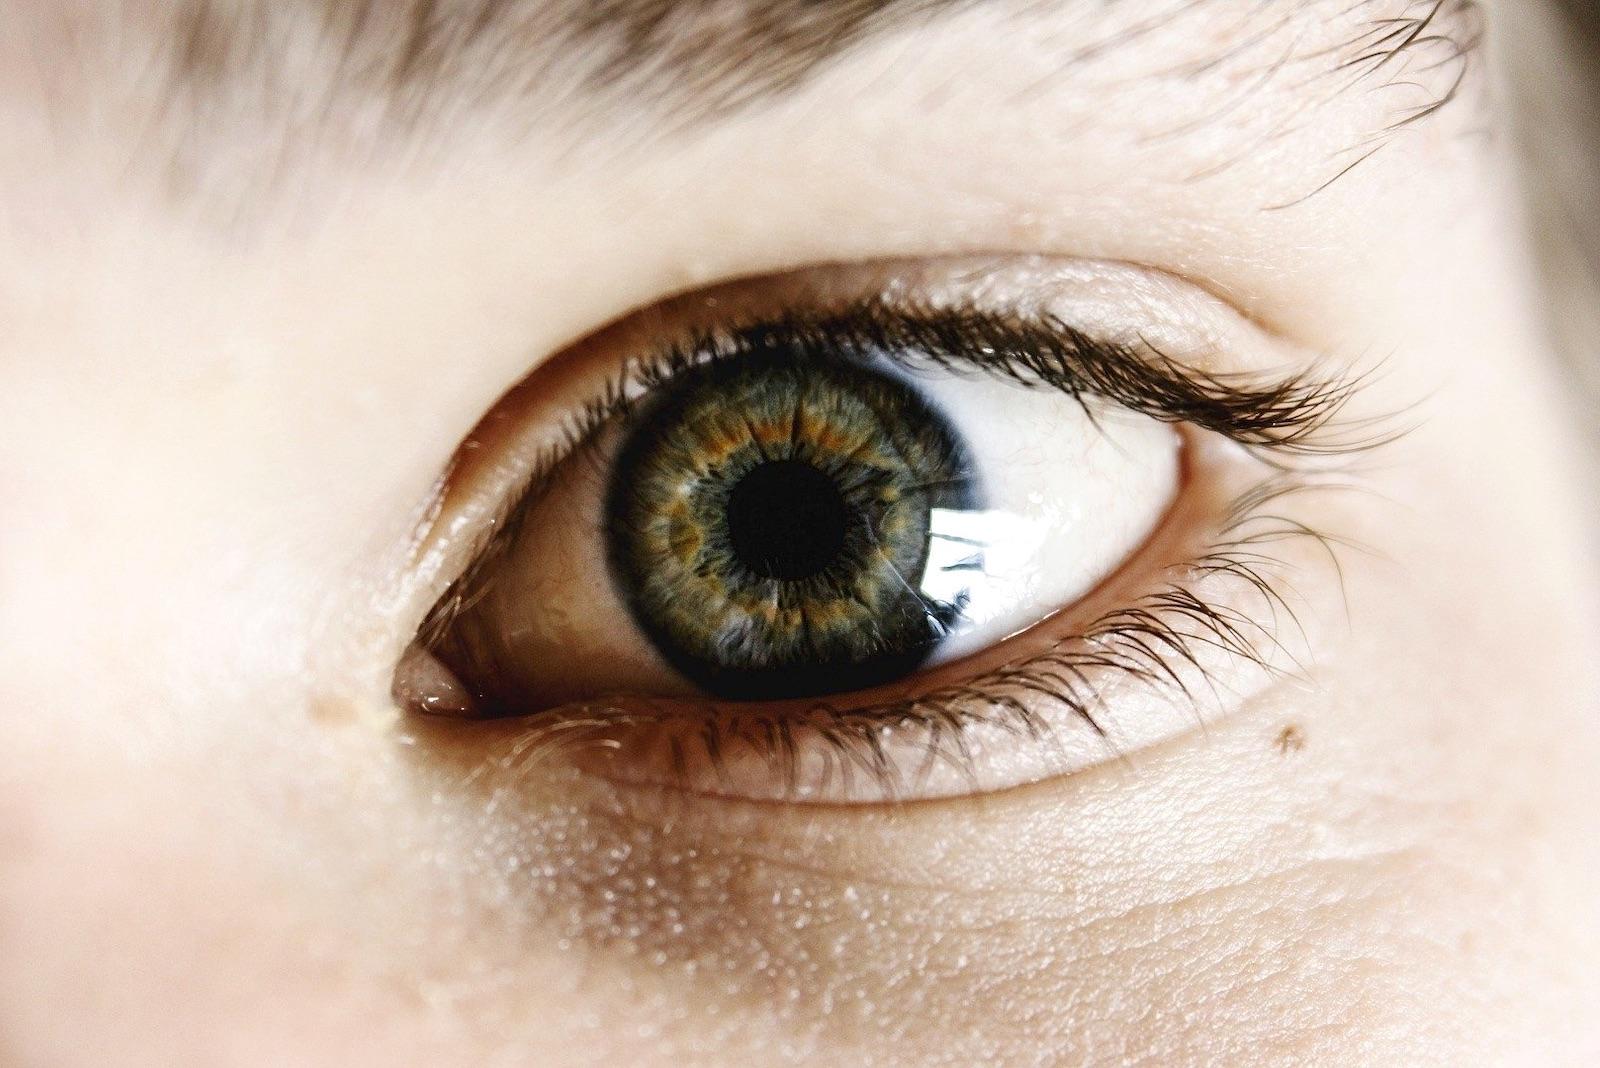 testul vederii și rezultatul acestuia tipul practic vital al viziunii asupra lumii